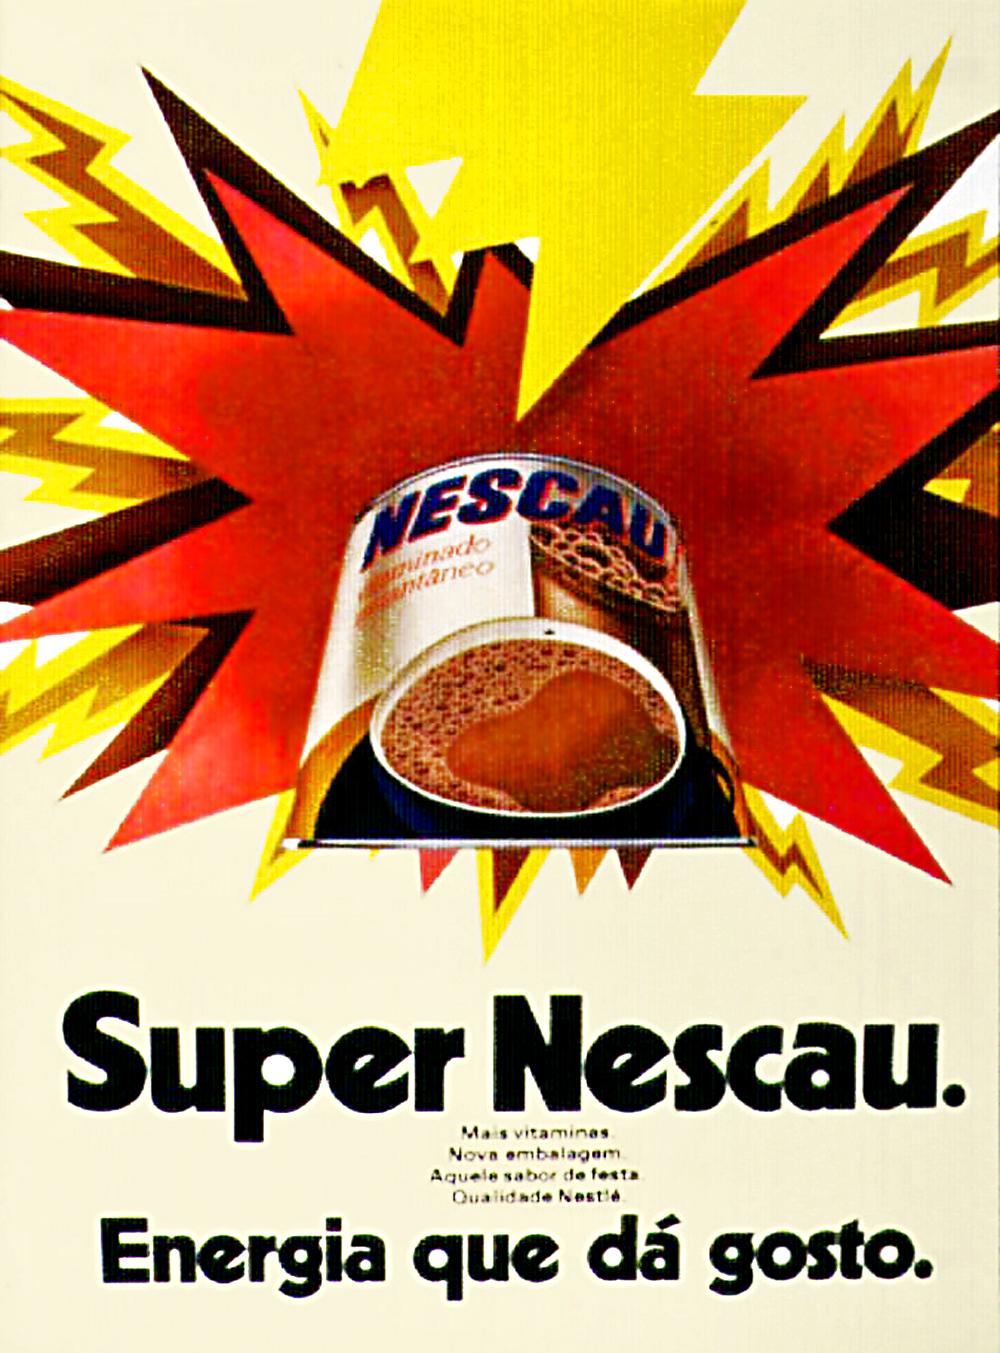 Propaganda antiga do Nescau veiculada em 1972